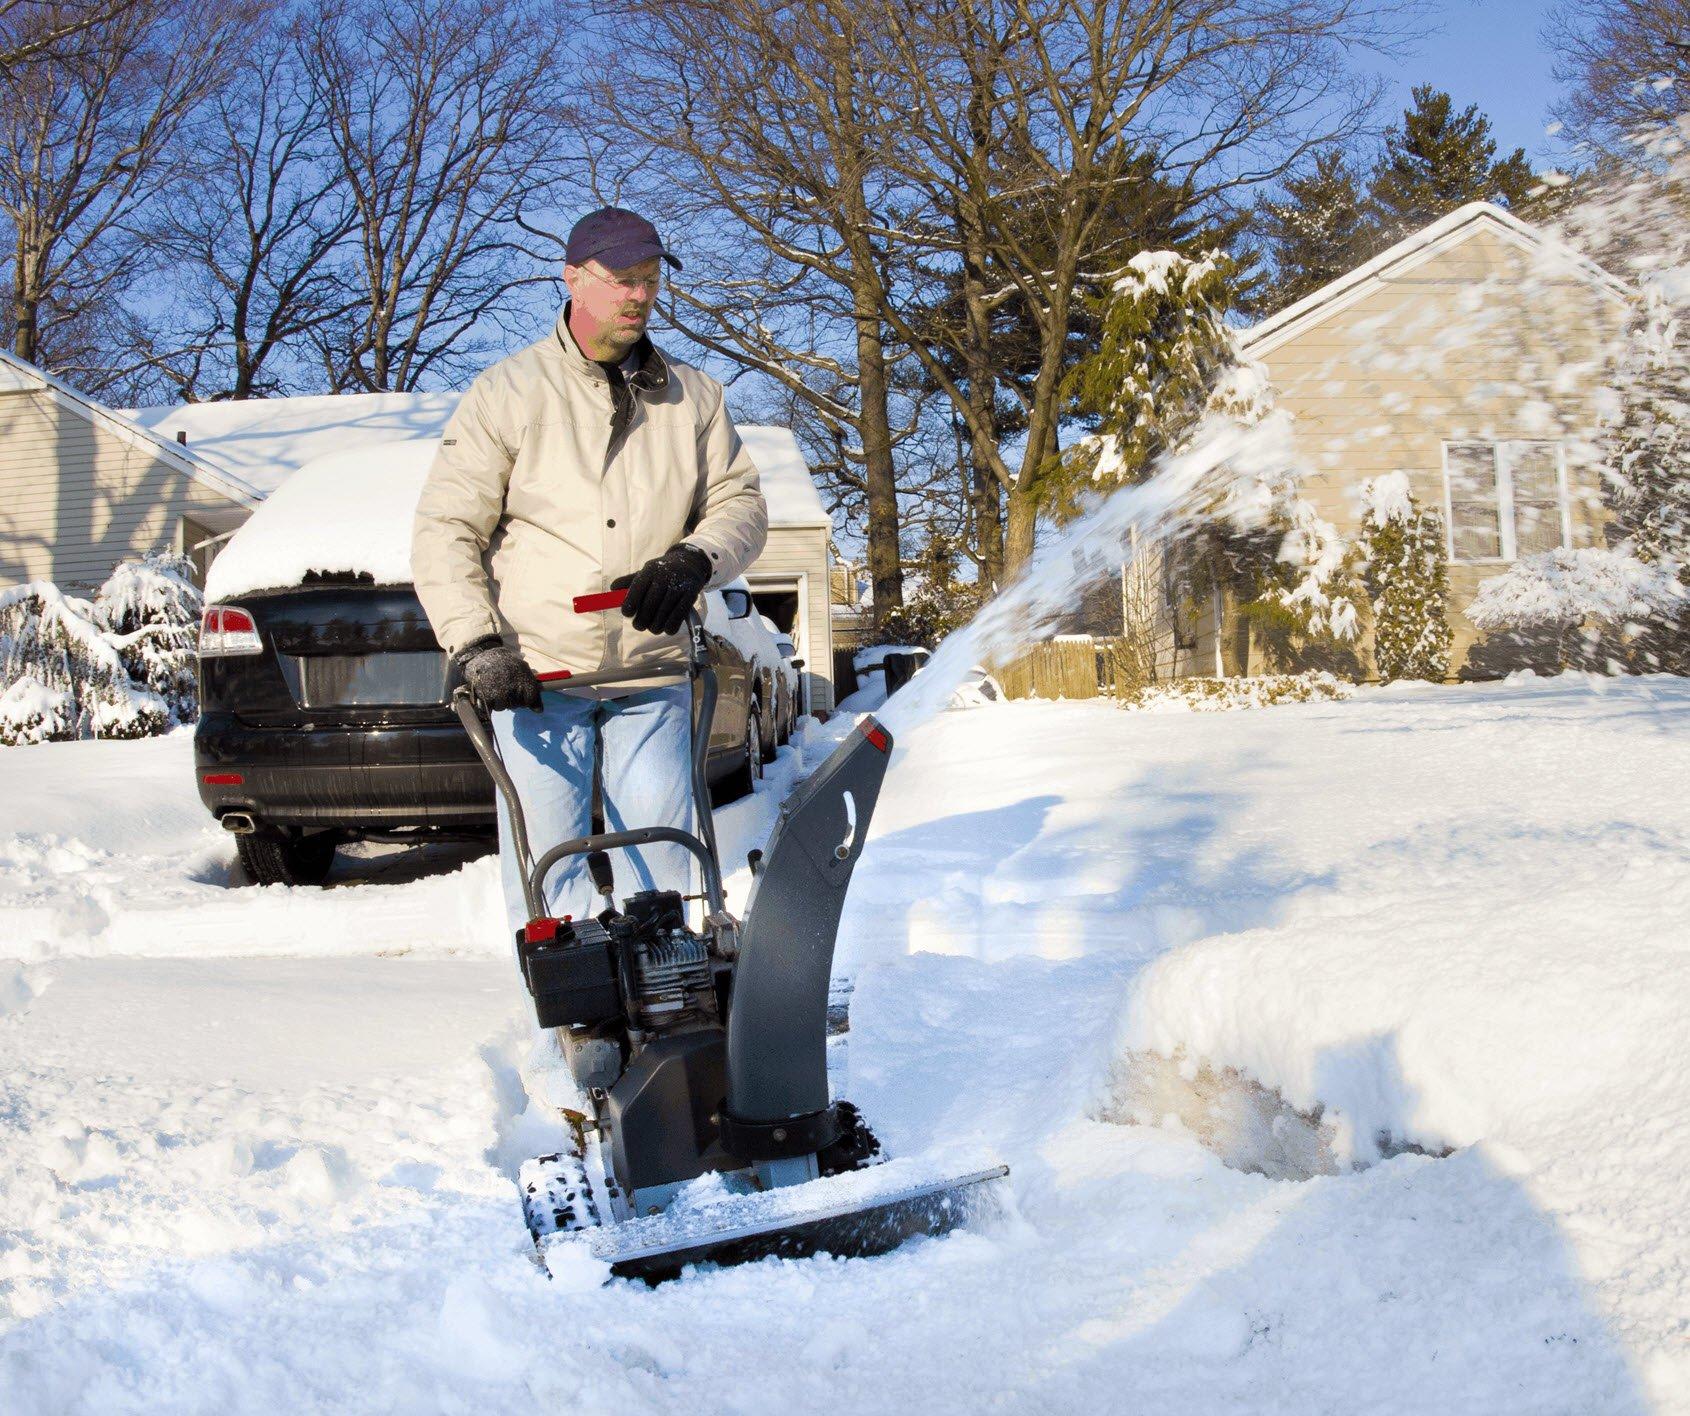 Residential Snow Removal in Lansing, Holt, Haslett, Okemos